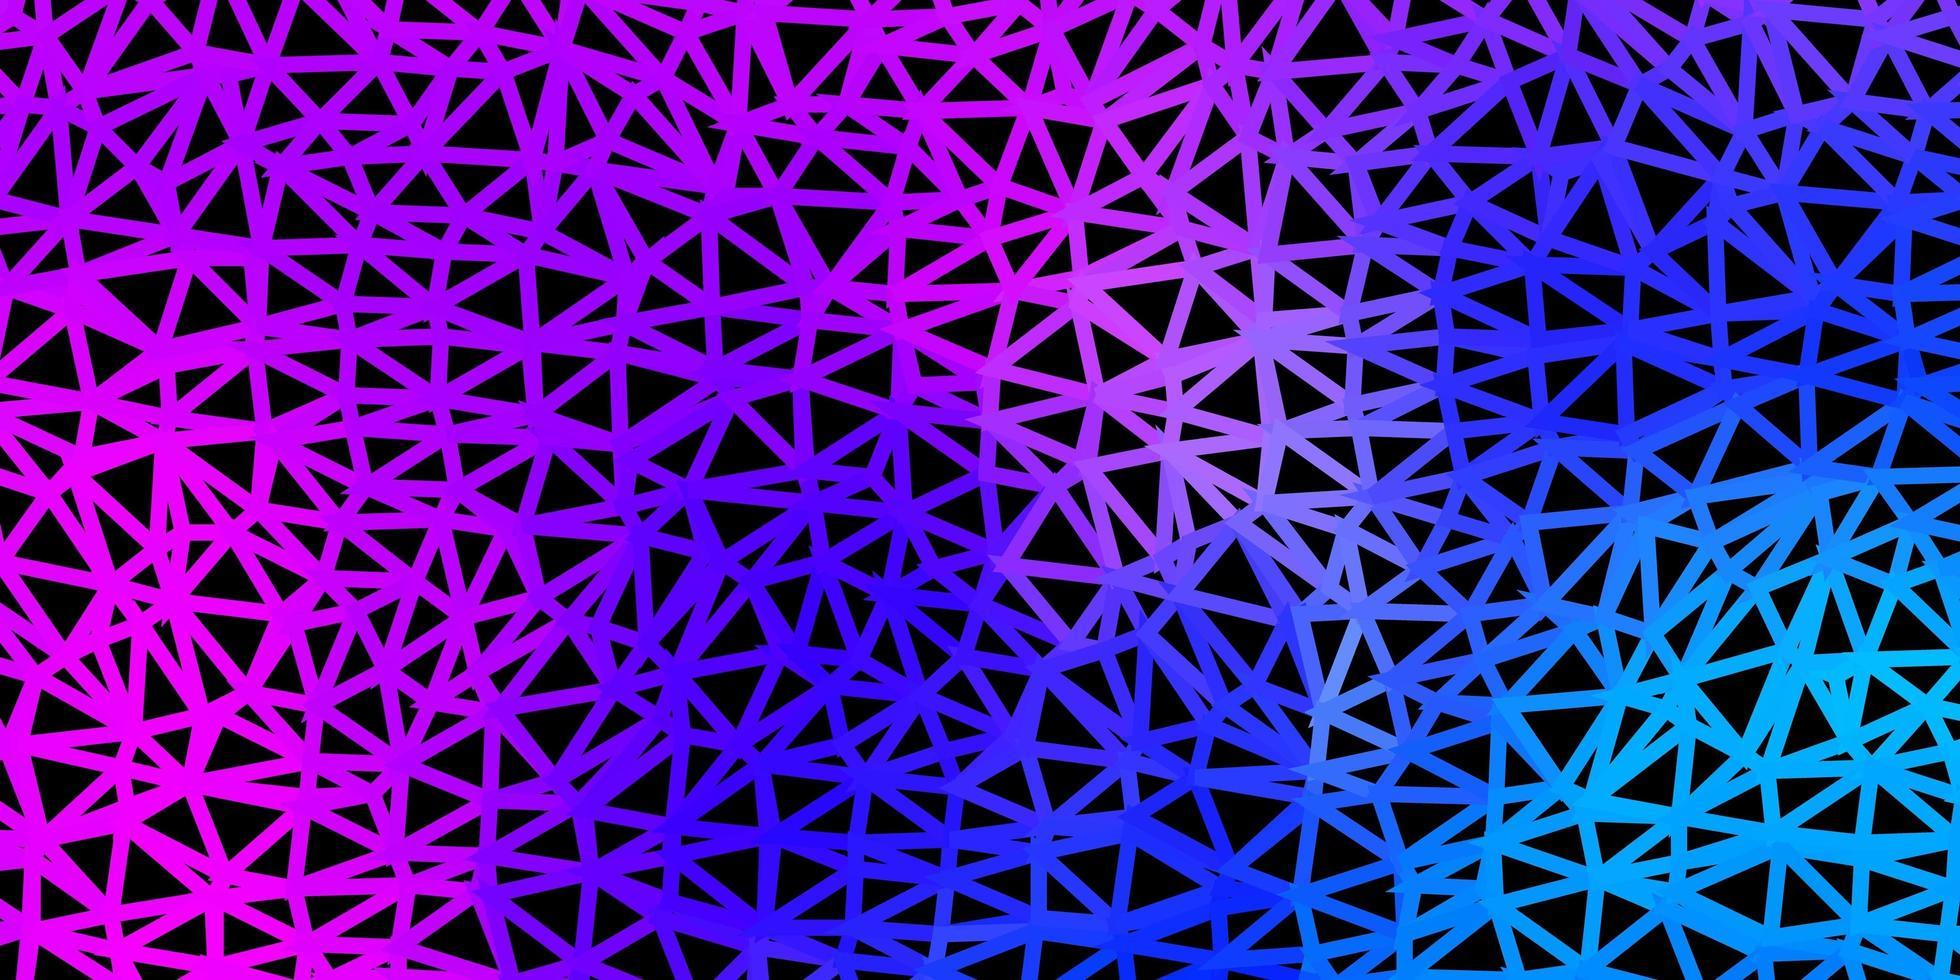 modelo de mosaico de triângulo de vetor rosa claro e azul.